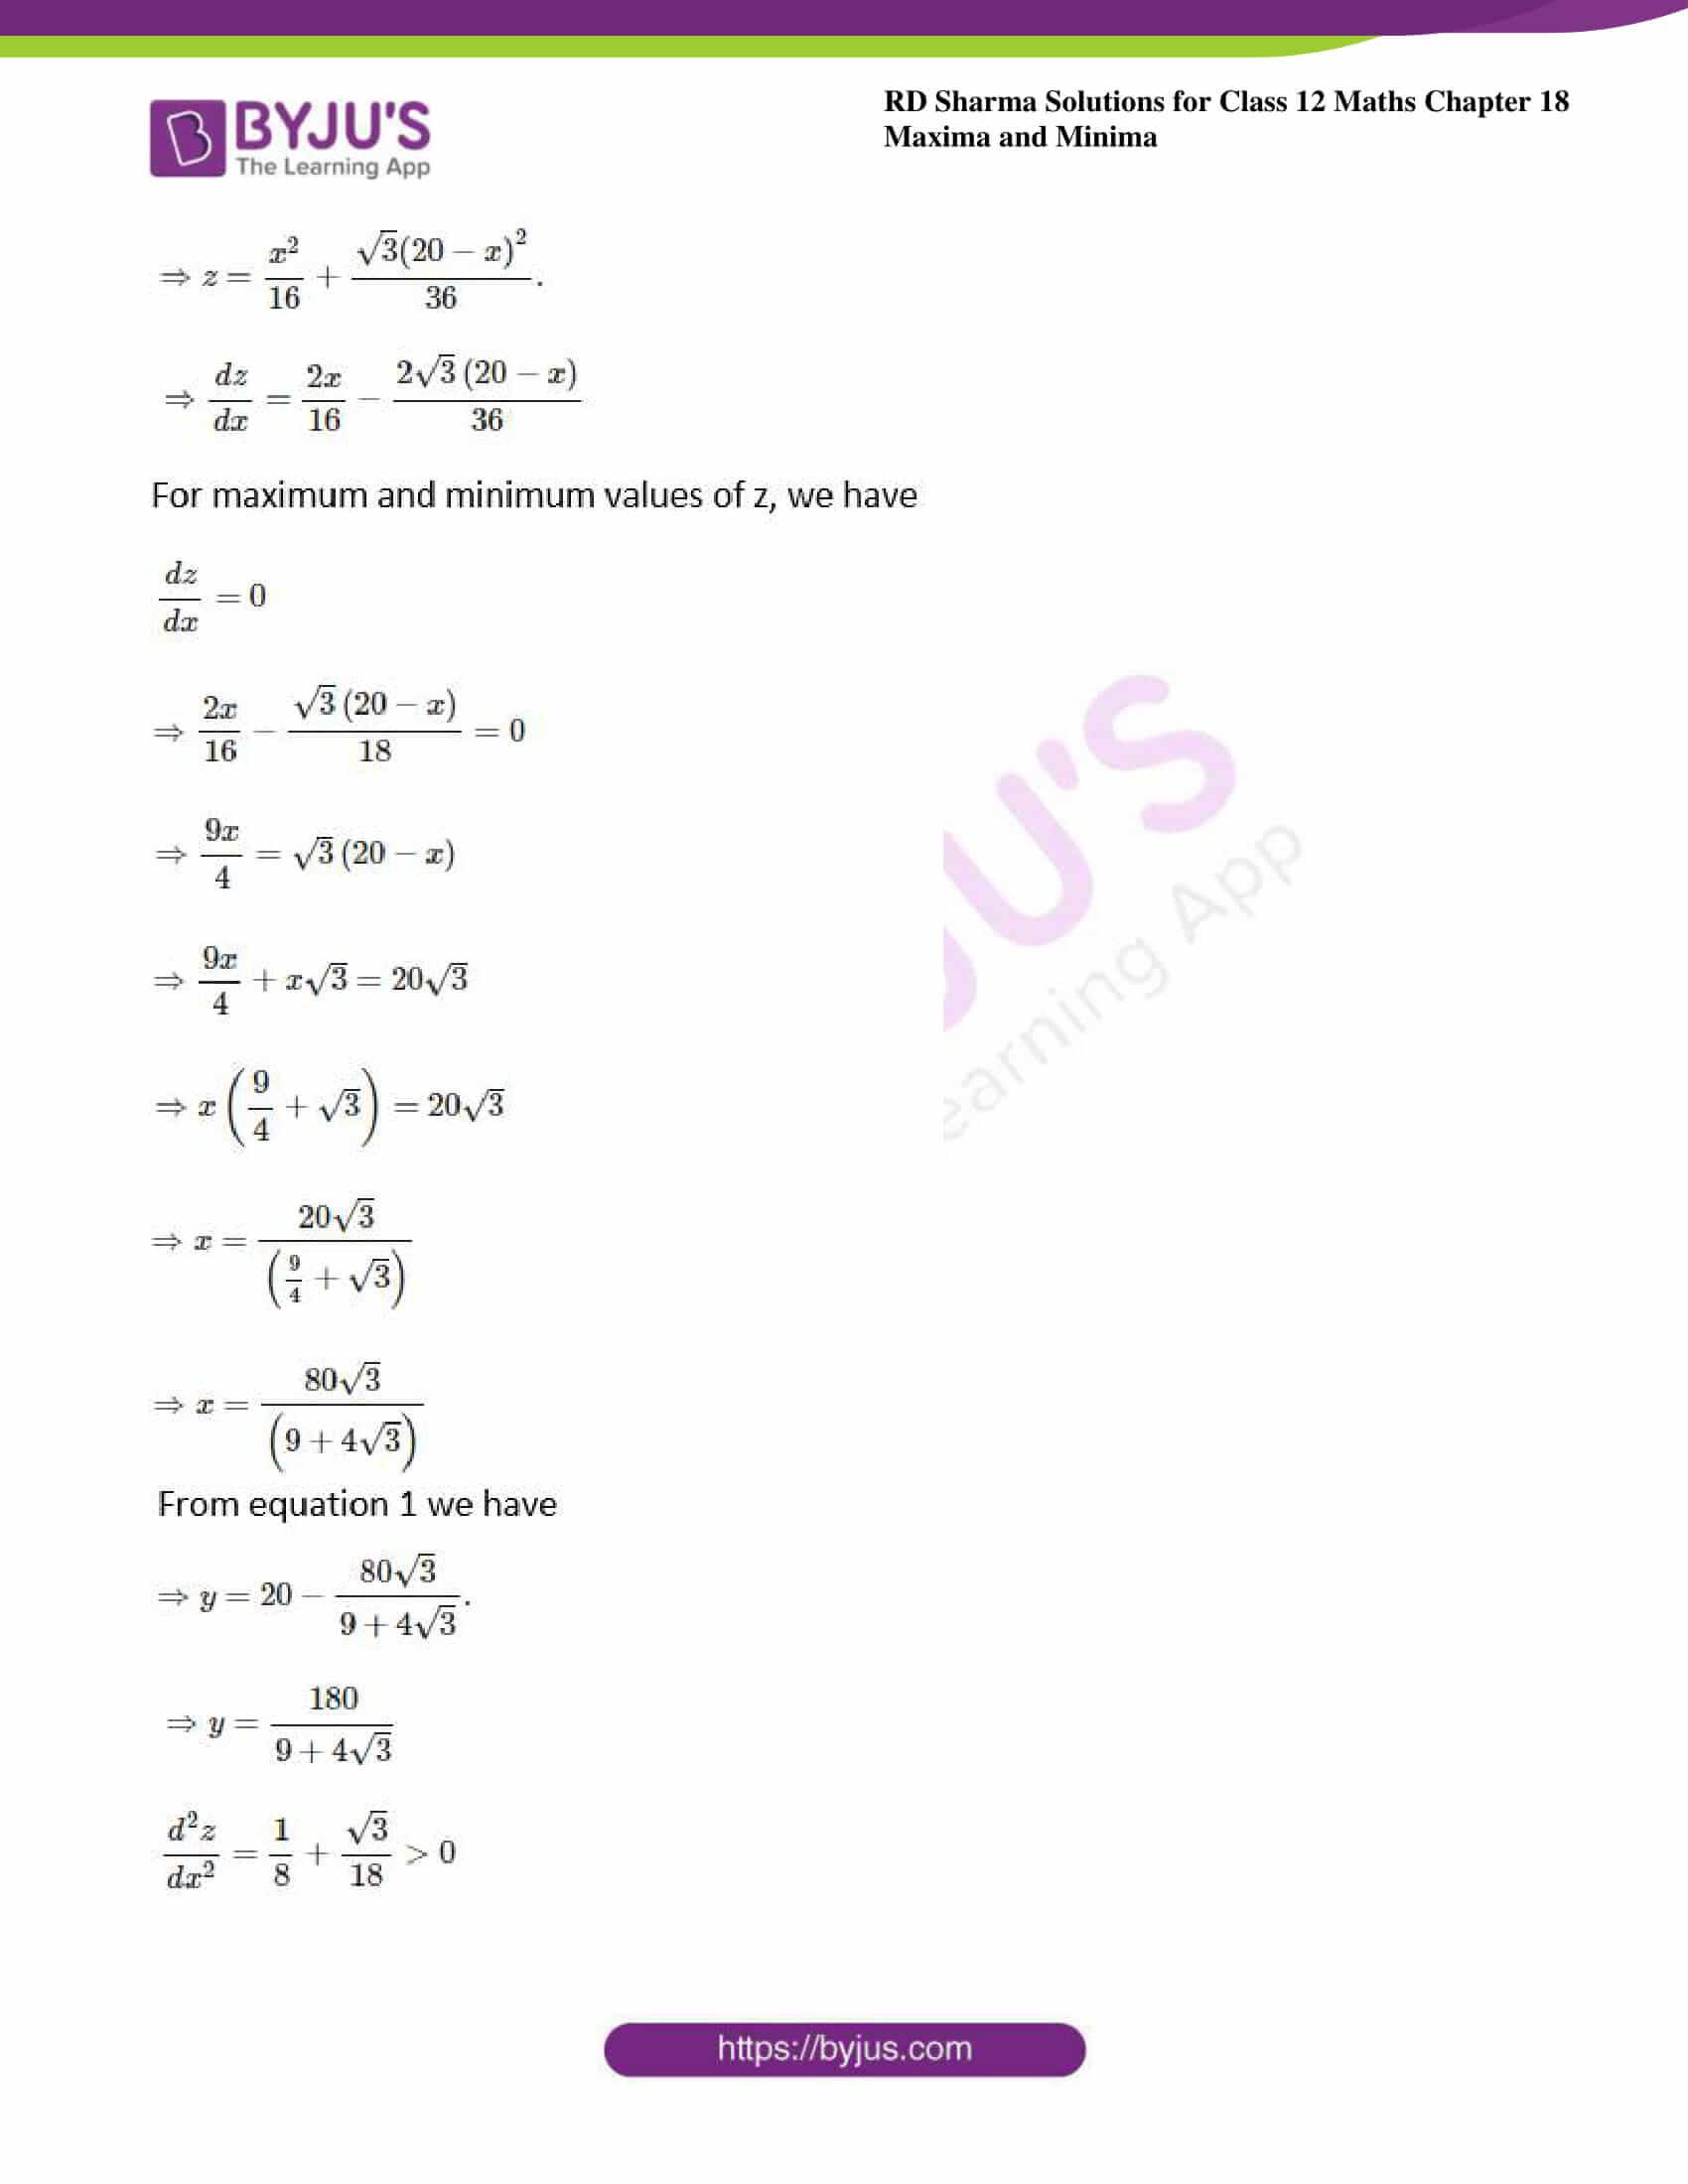 rd sharma class 12 maths sol chap 18 ex 5 10